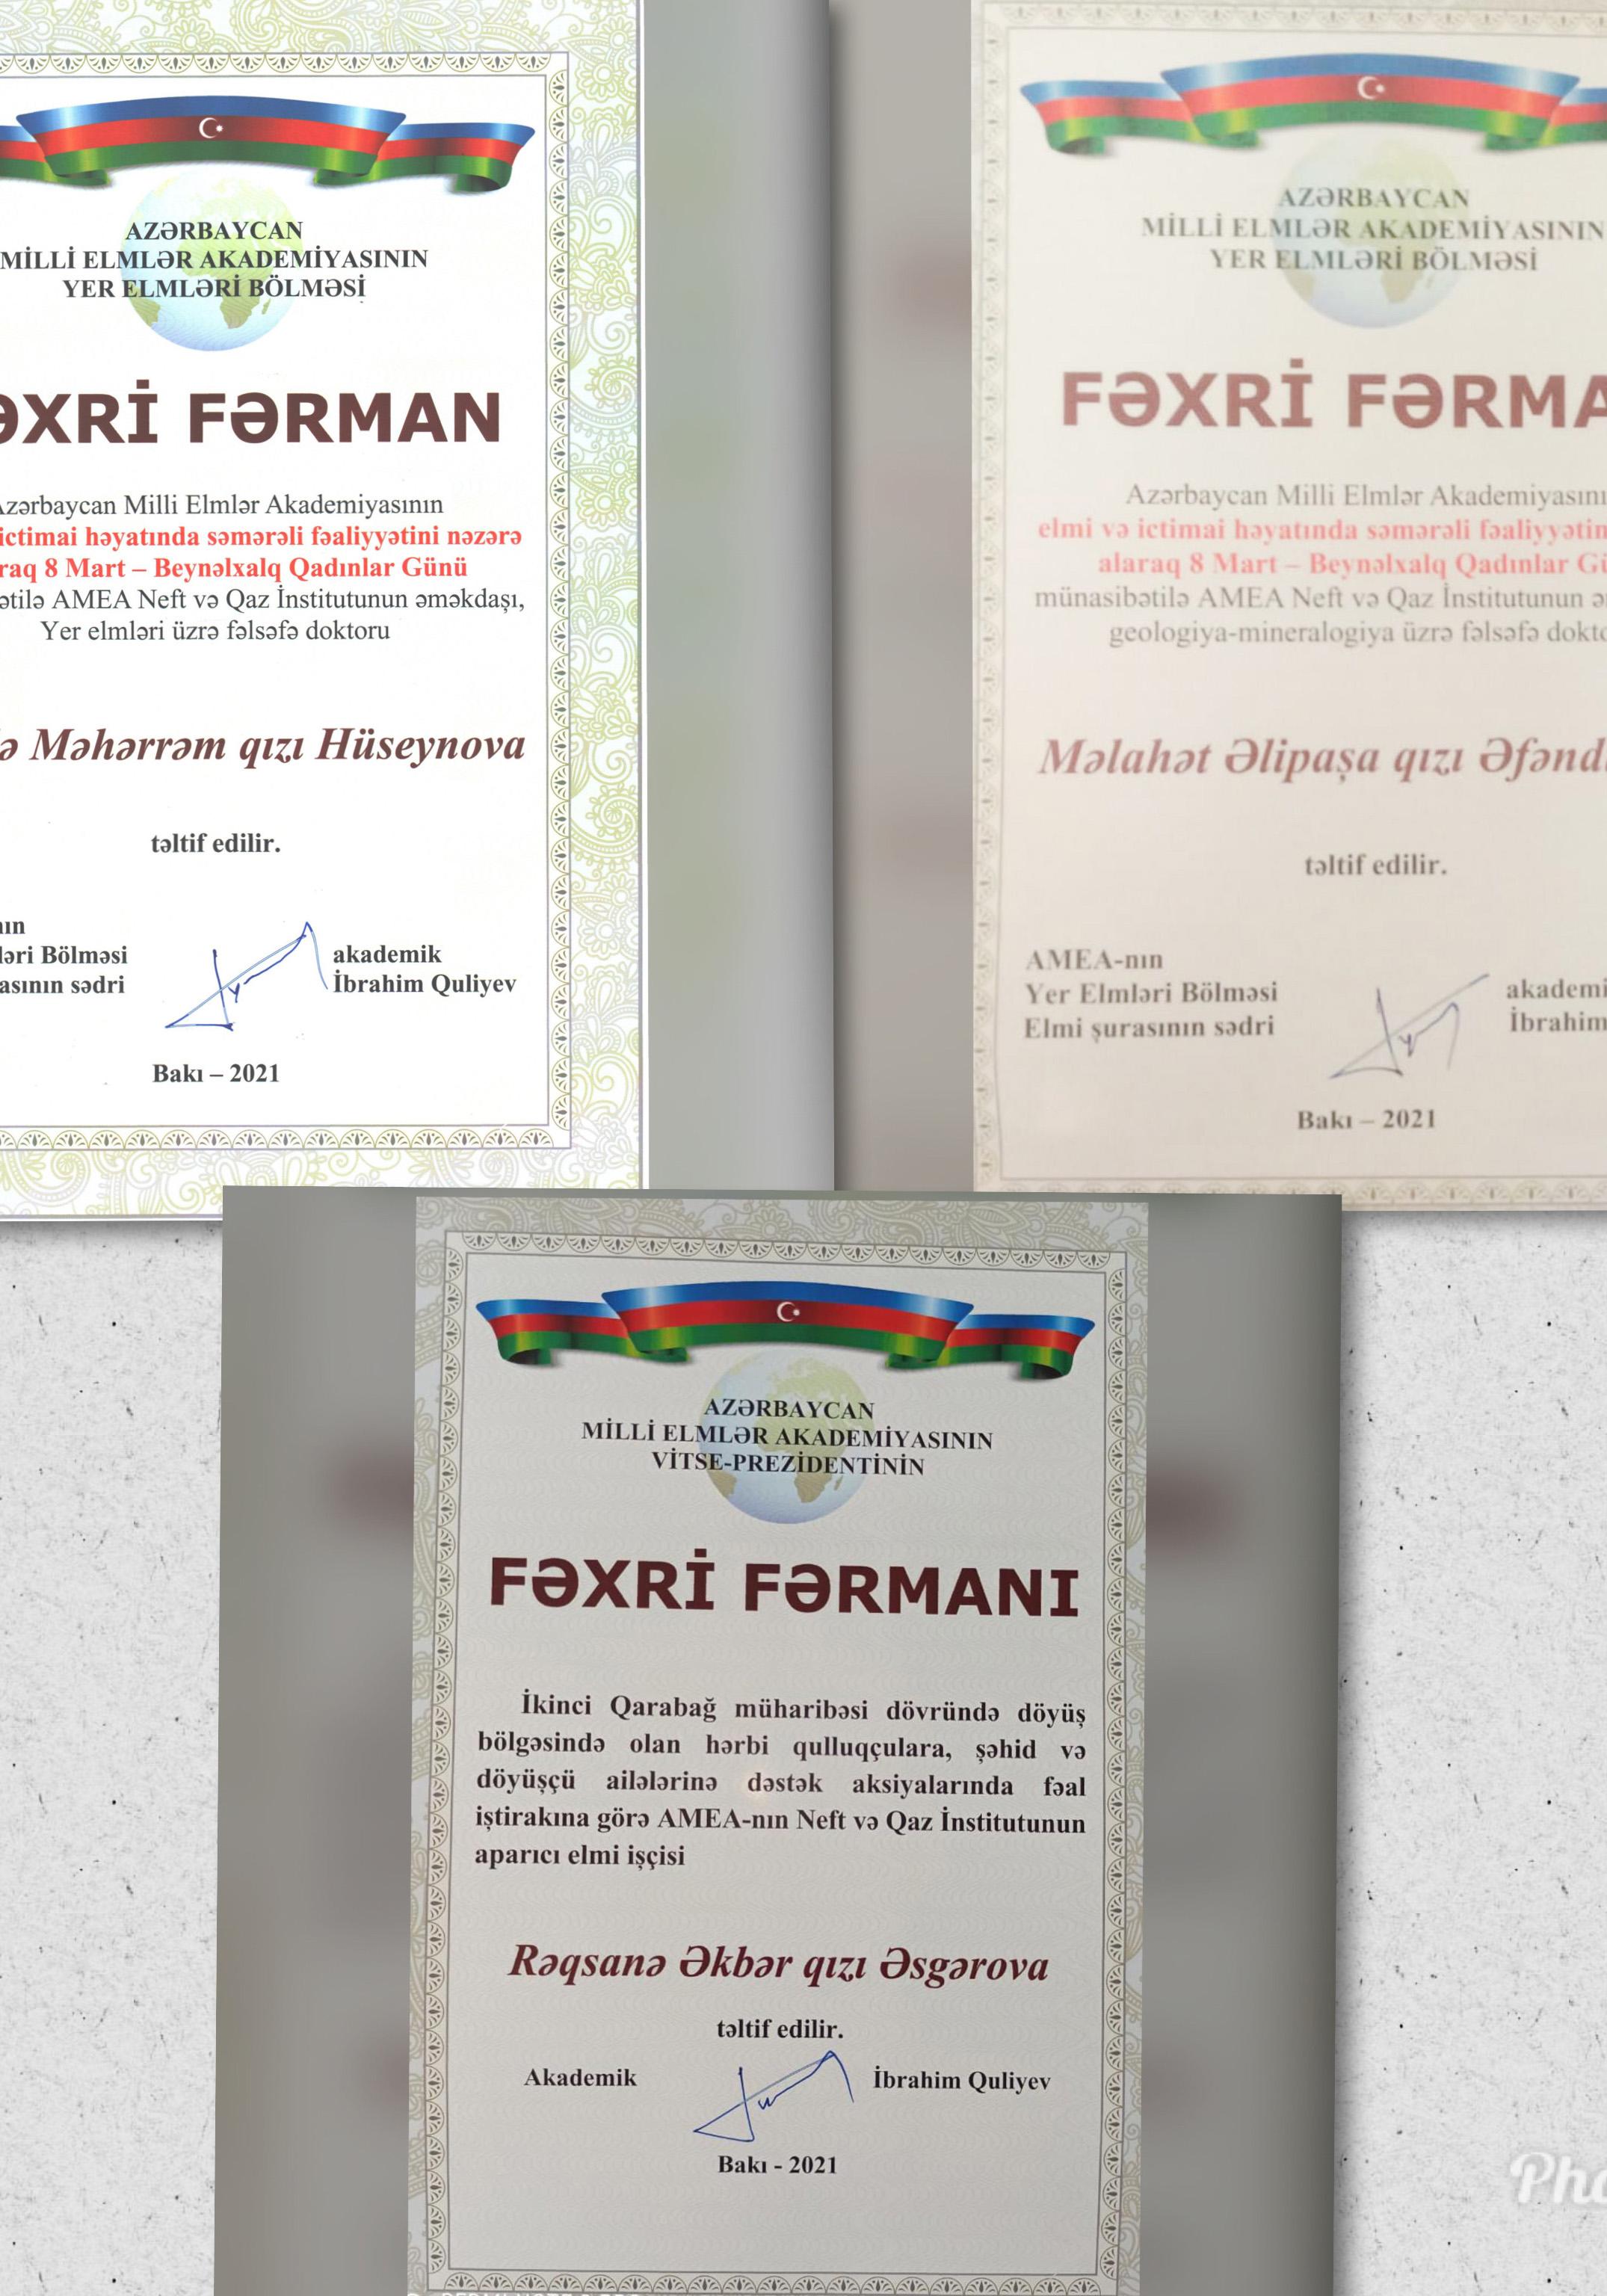 AMEA Neft və Qaz İnstitunun əməkdaşları AMEA Yer elmləri bölməsinin Fəxri Fərmanları ilə təltif olunublar